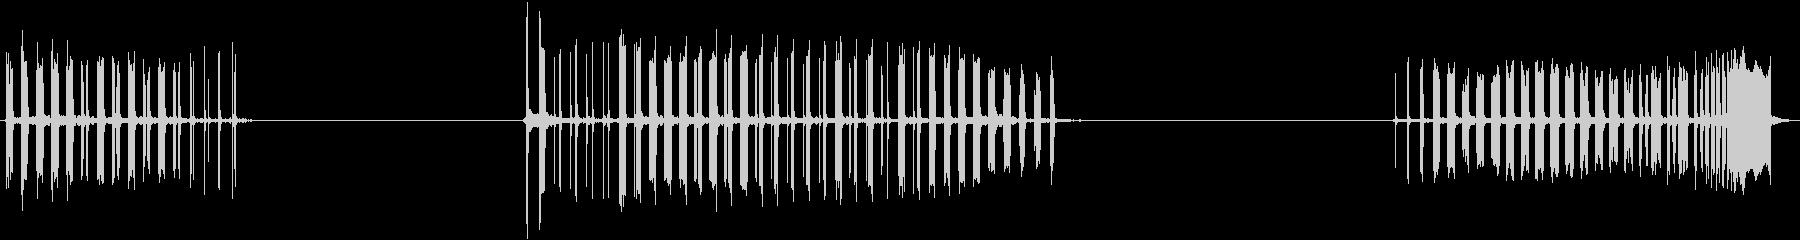 グラストーキーのトーチの未再生の波形